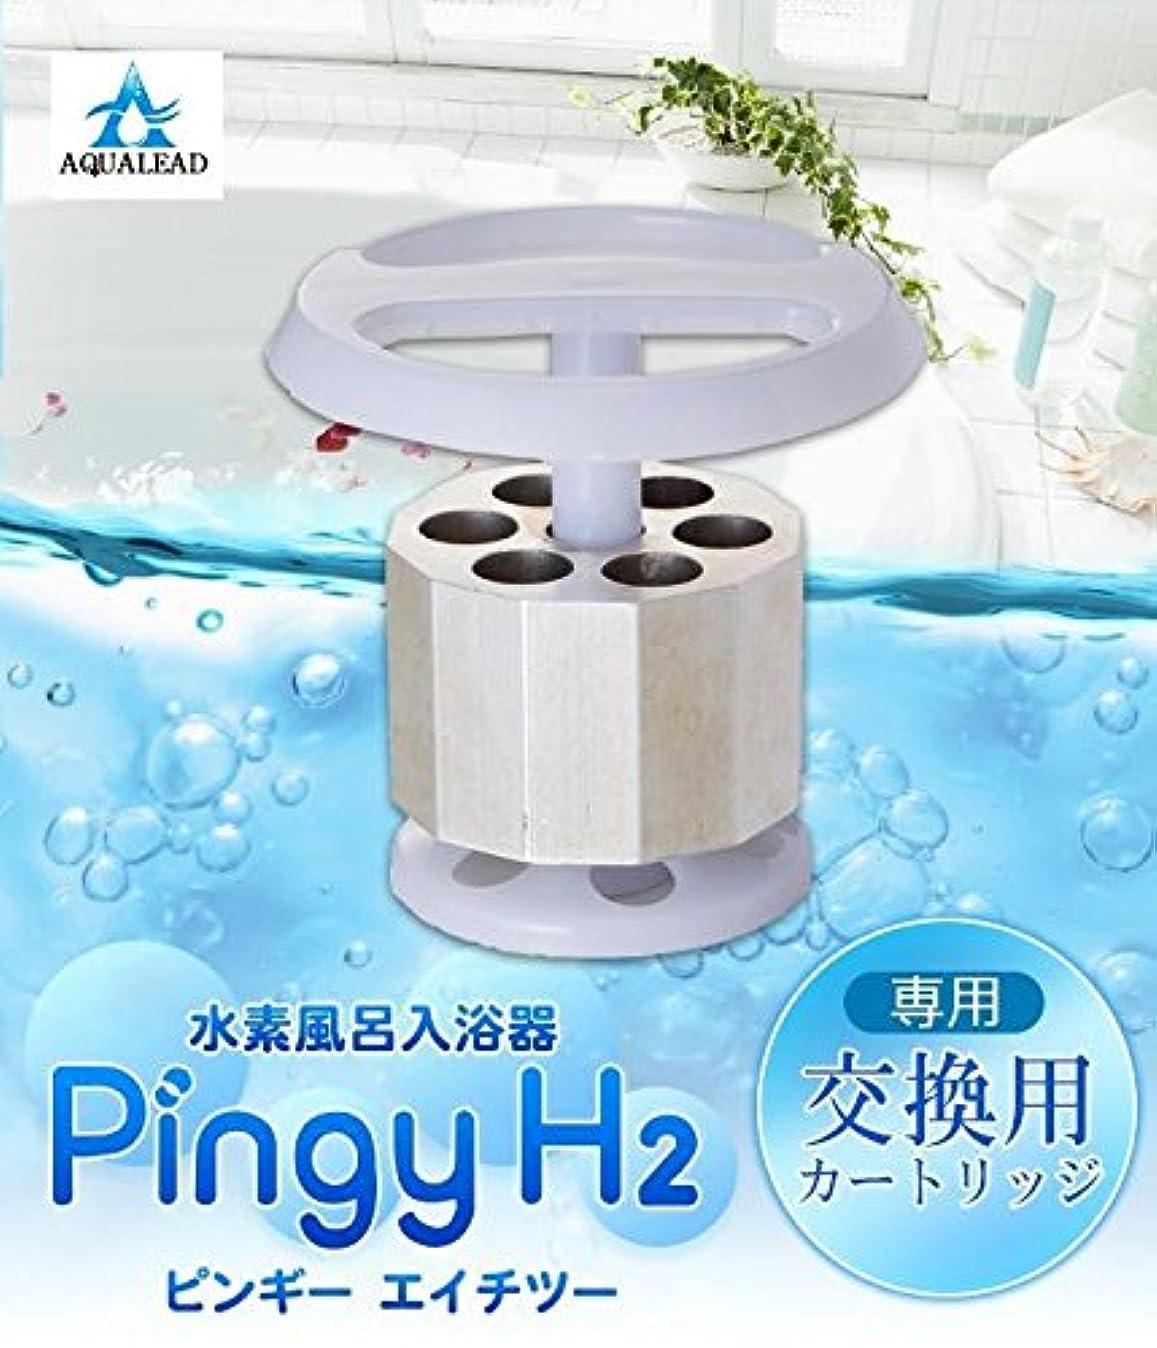 小康カスケードのホスト水素風呂入浴器 ピンギー エイチツー(Pingy H2)専用 交換カートリッジ